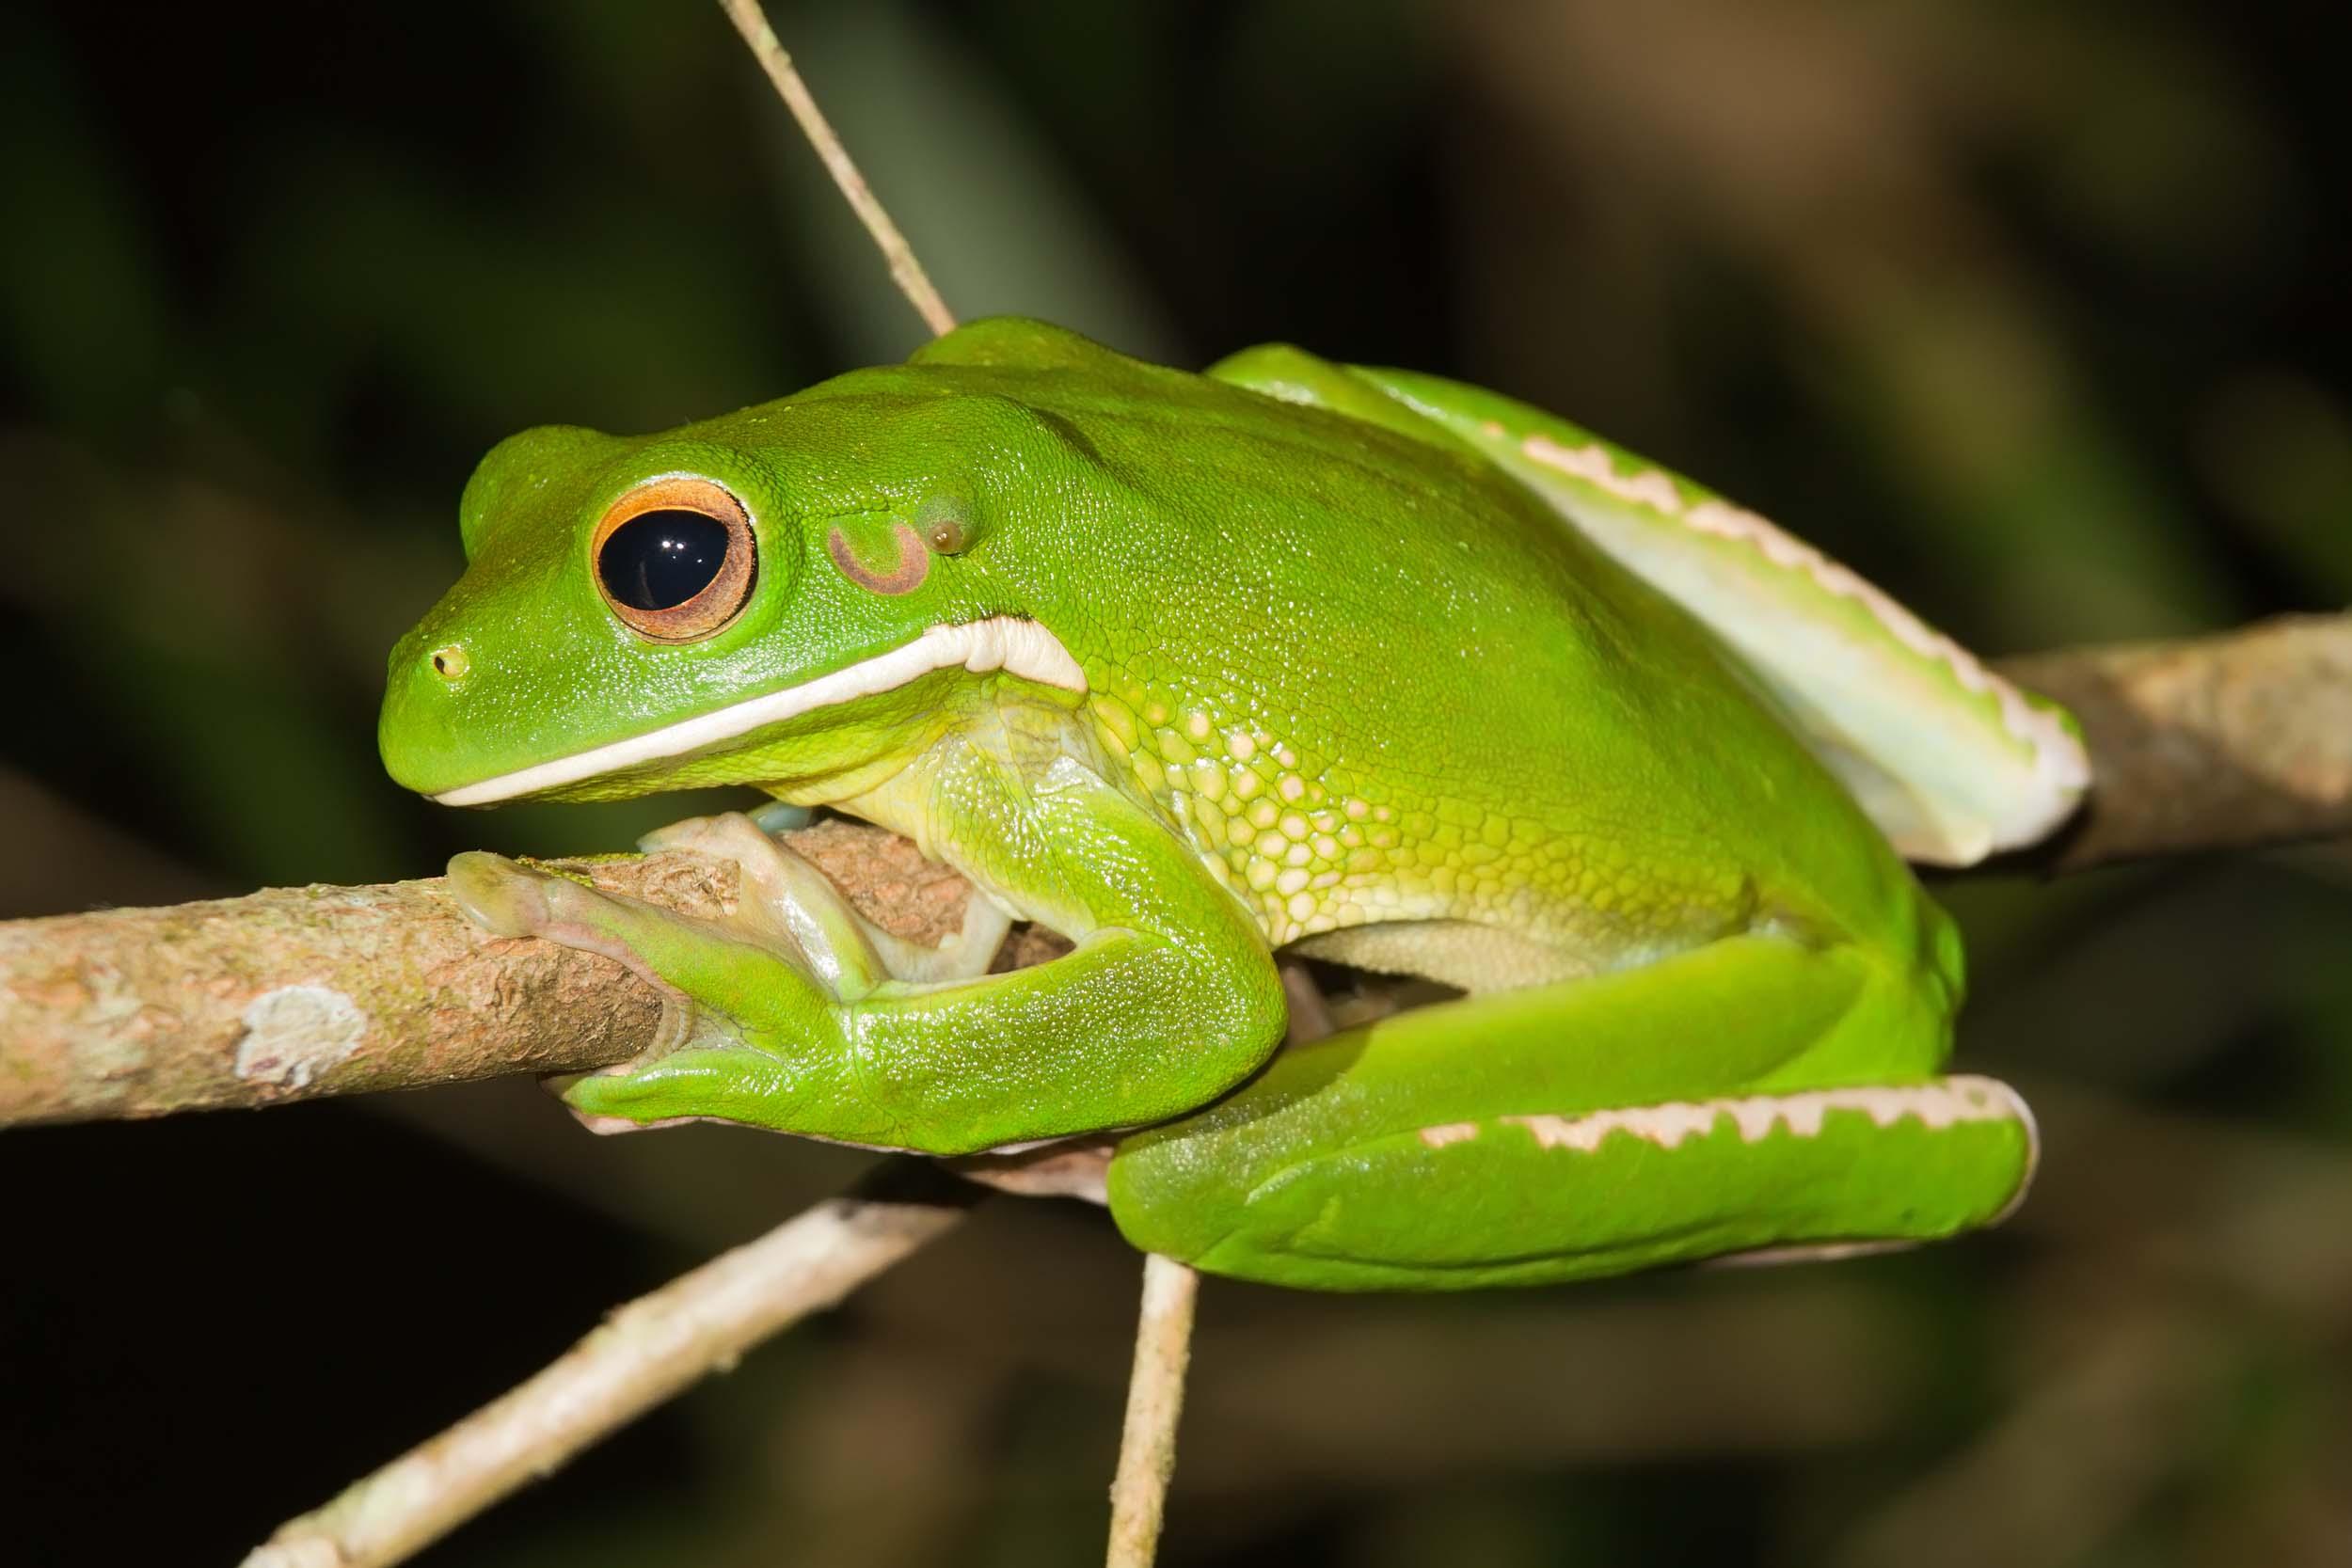 <b>Tree Frogs</b>